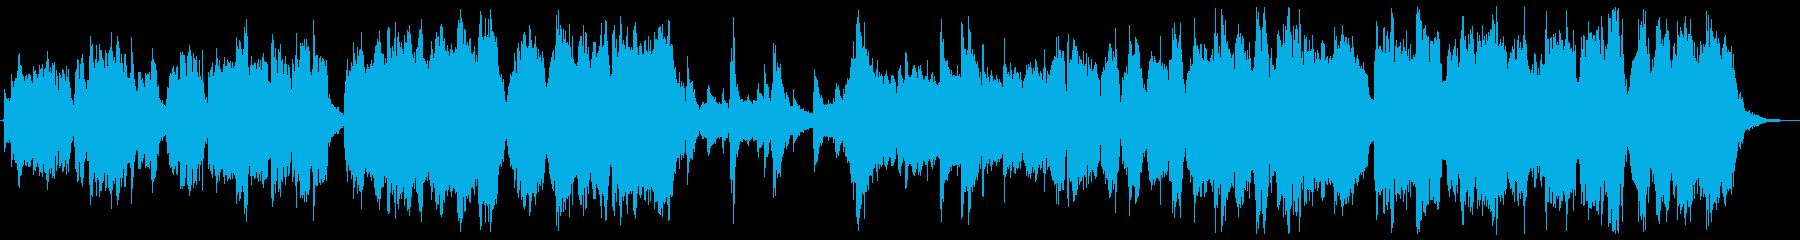 女声ヴォカリーズと和楽器の静謐な挿入歌の再生済みの波形